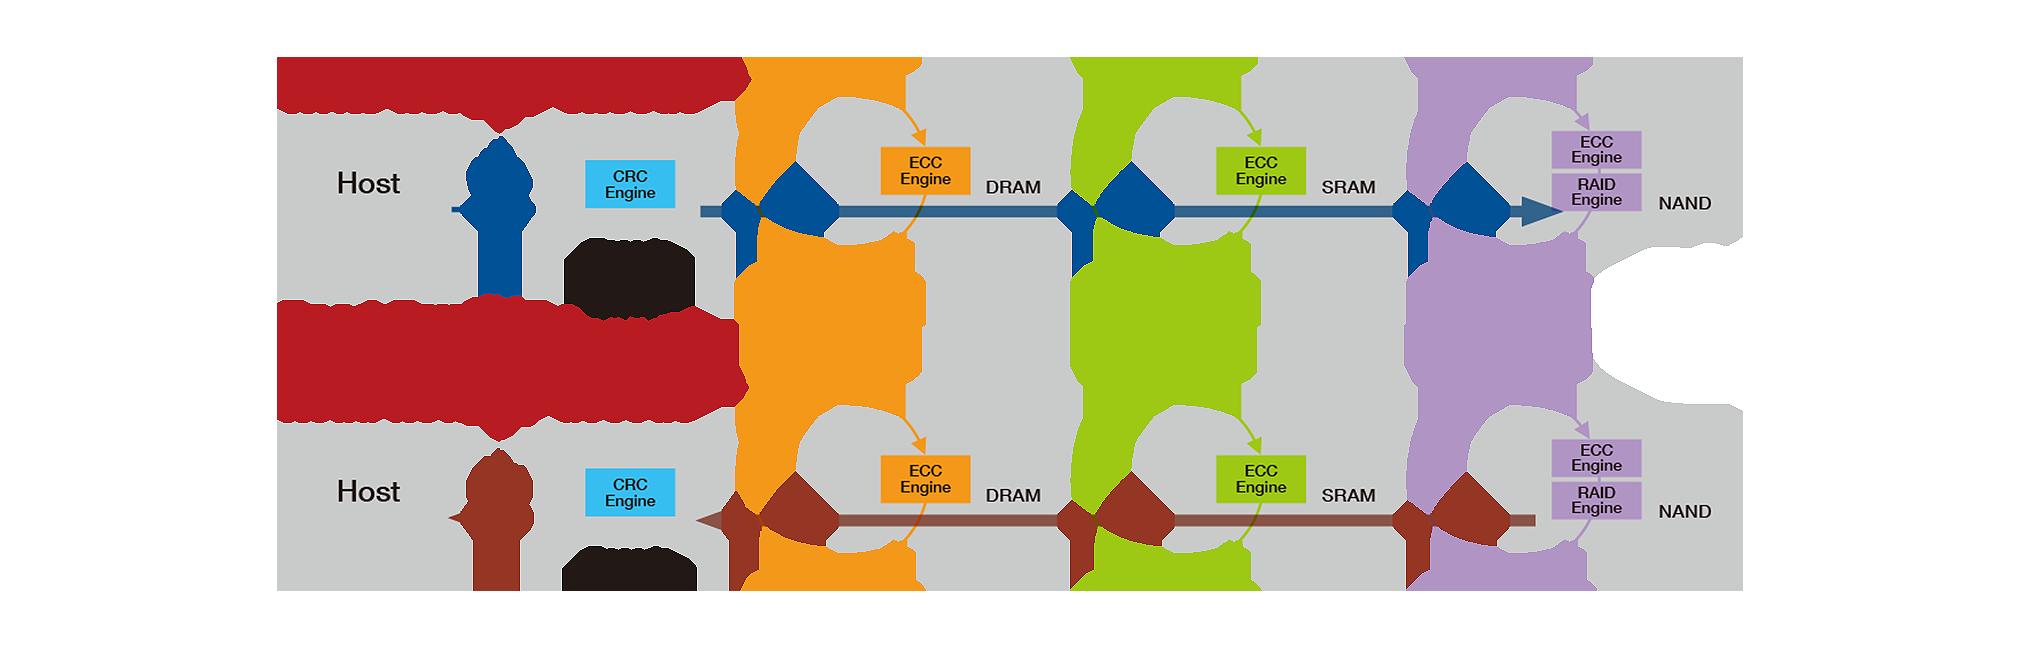 ParallelSSD diagram